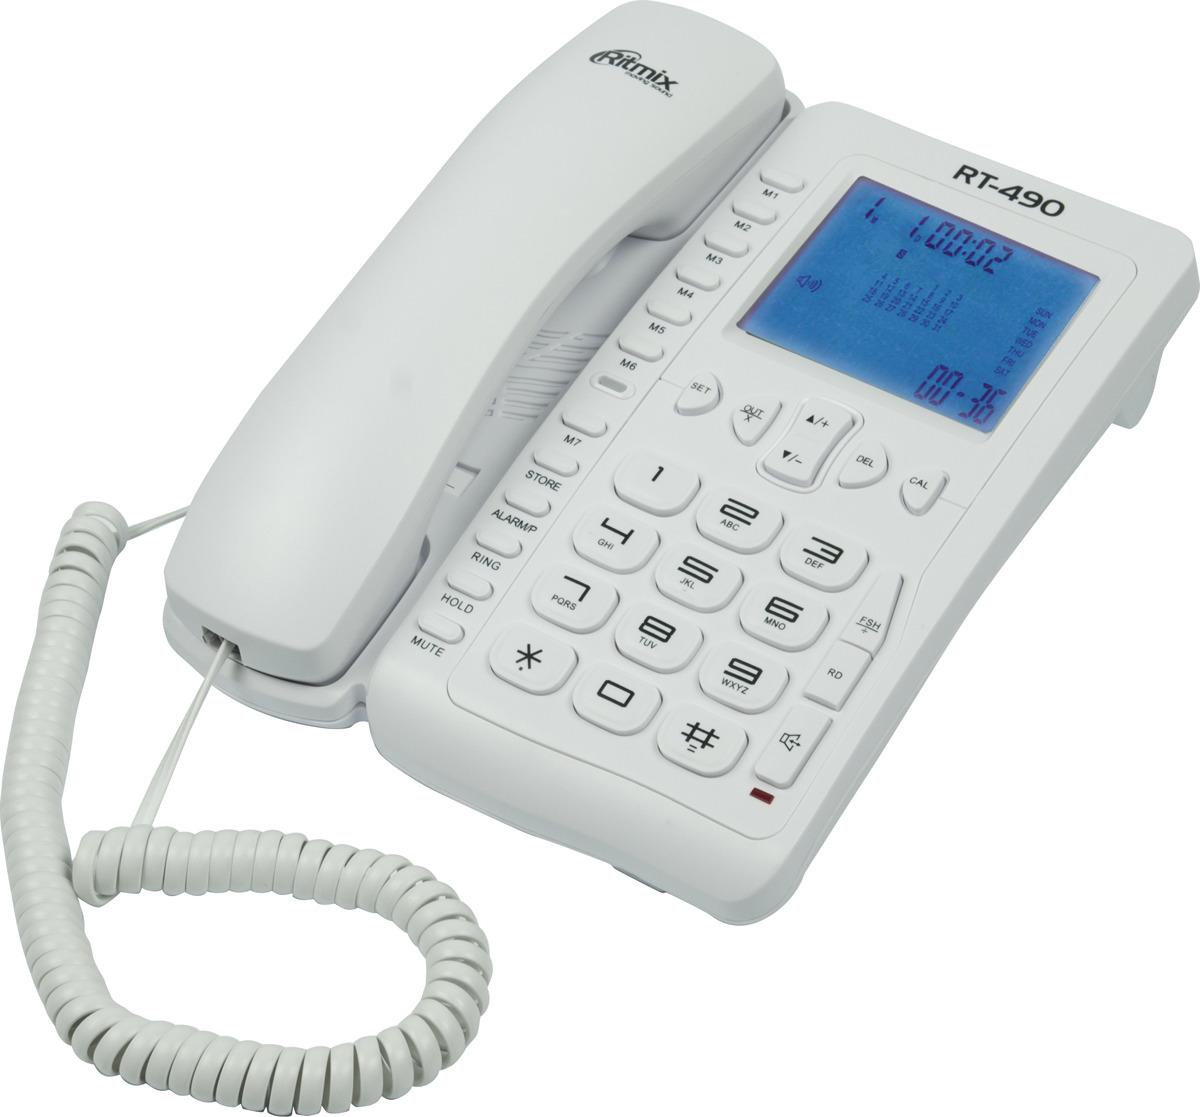 Телефон Ritmix RT-490, белый телефон ritmix rt 520